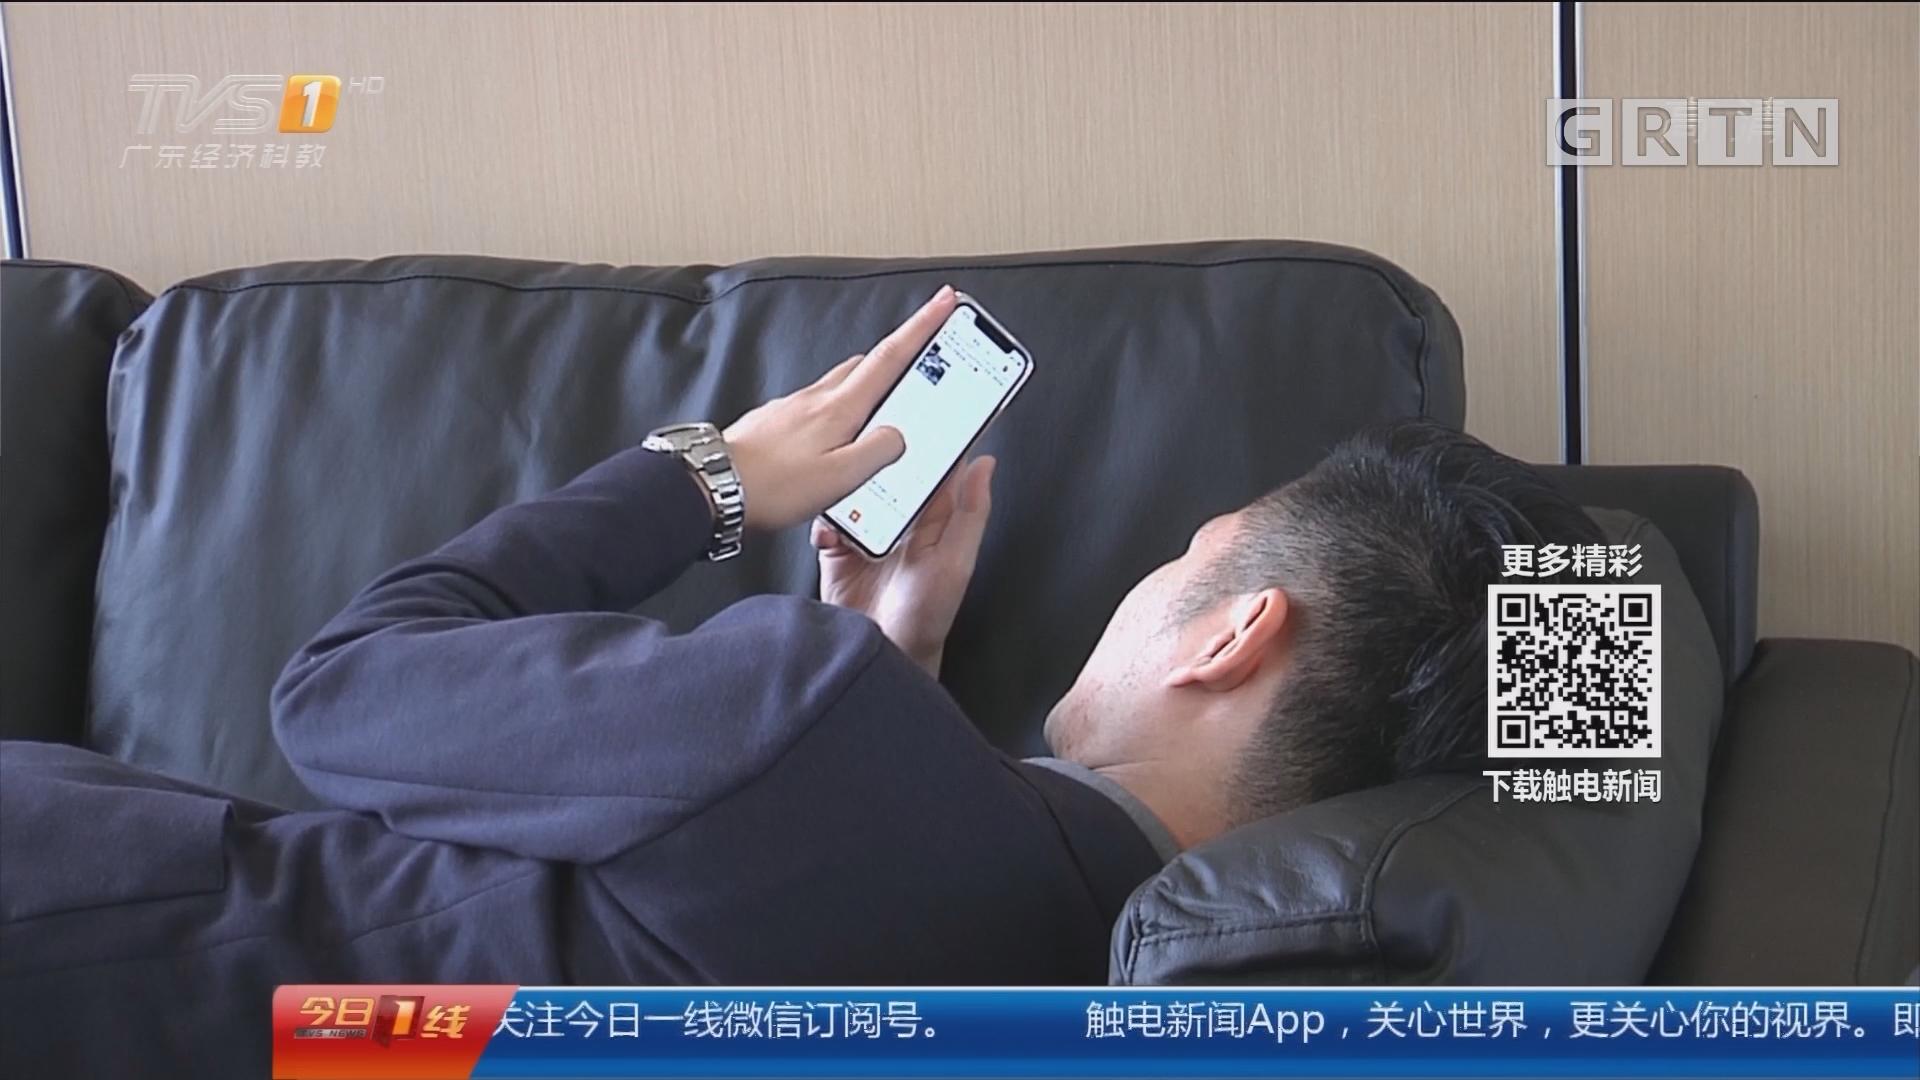 健康提醒:女子坐火车刷手机 下车后突发脑梗